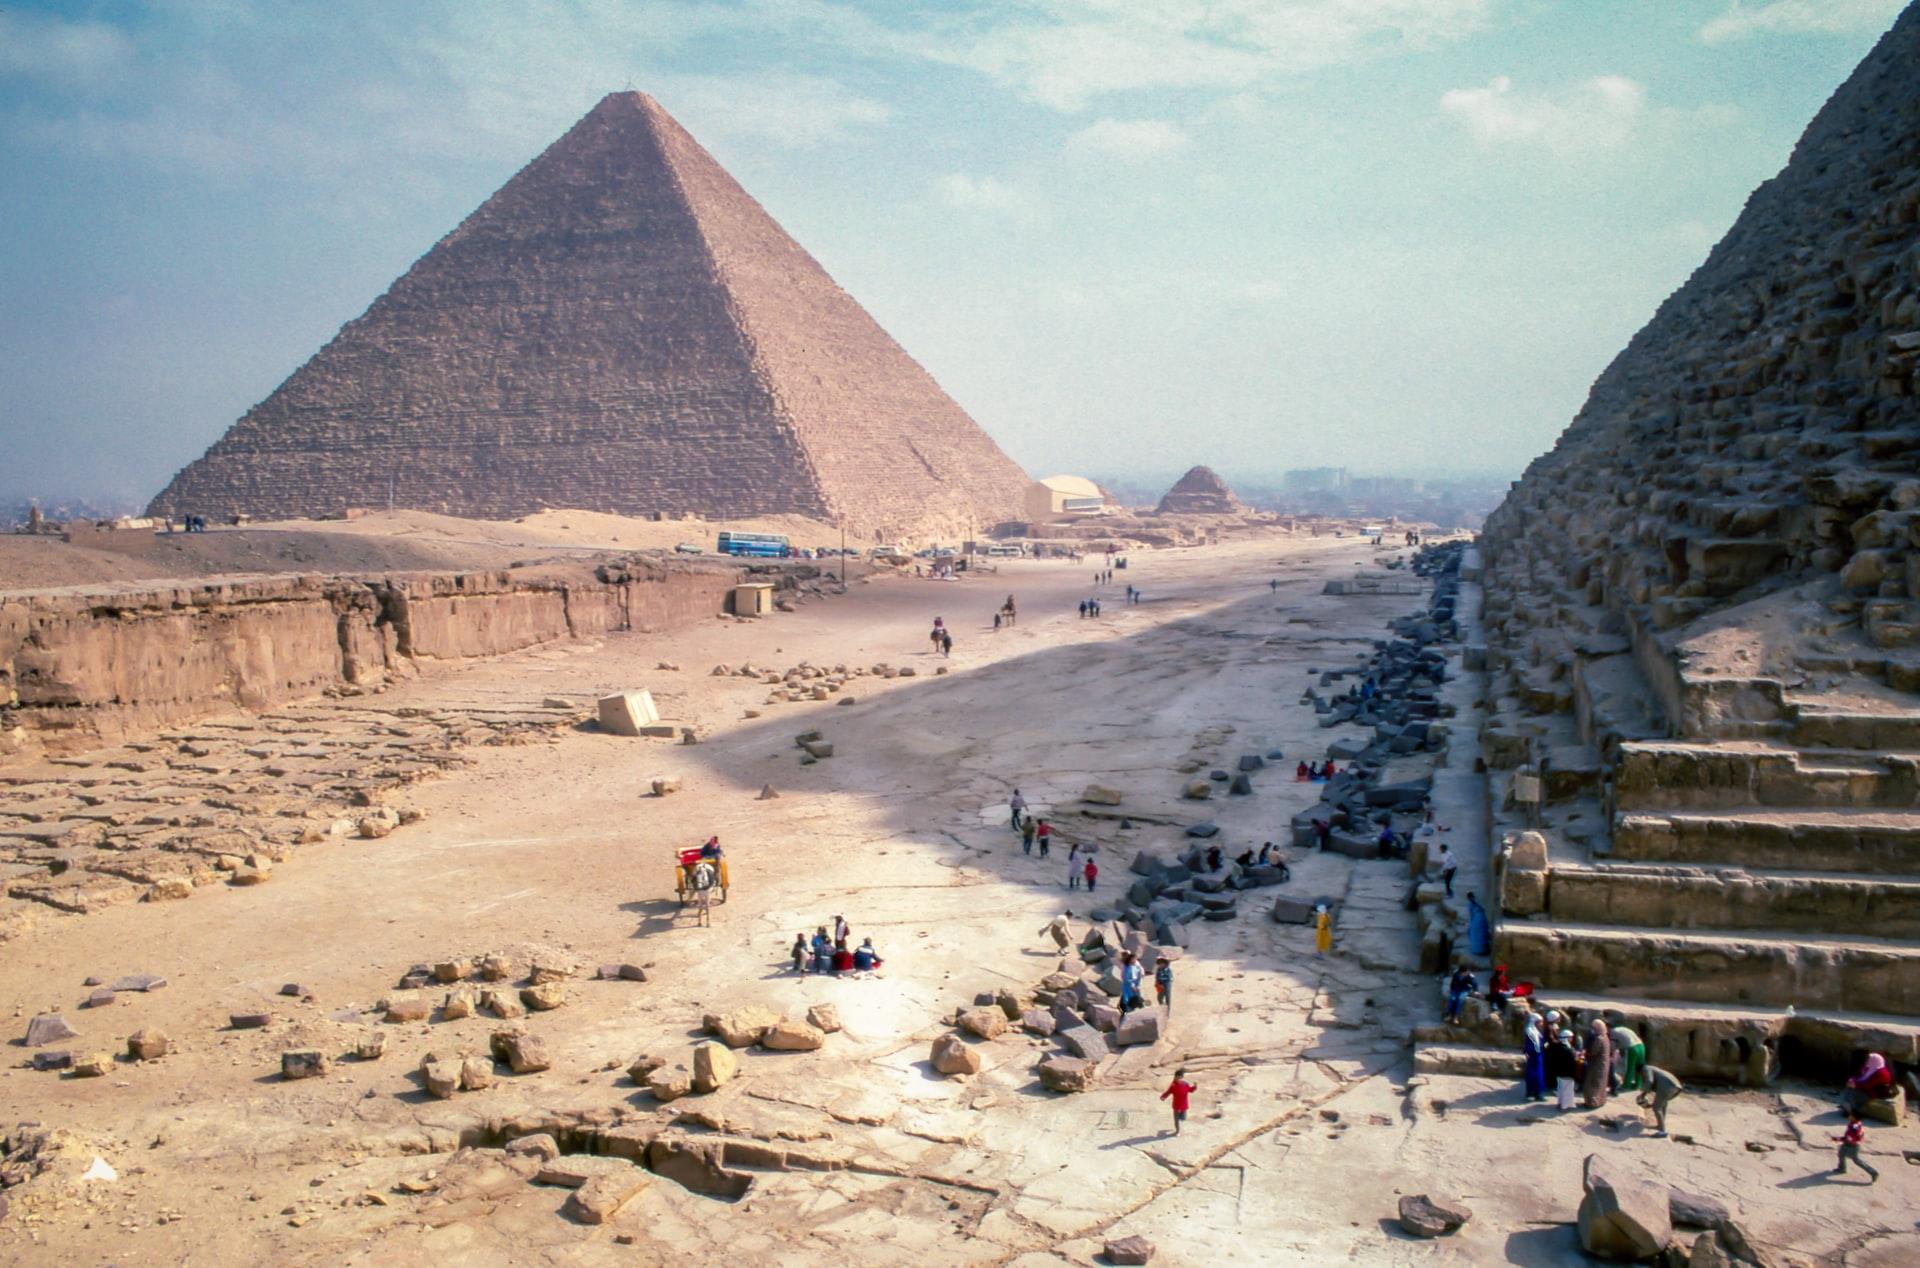 Black Lives Matter: Piramidele, noua țintă a activiștilor anti-rasism?